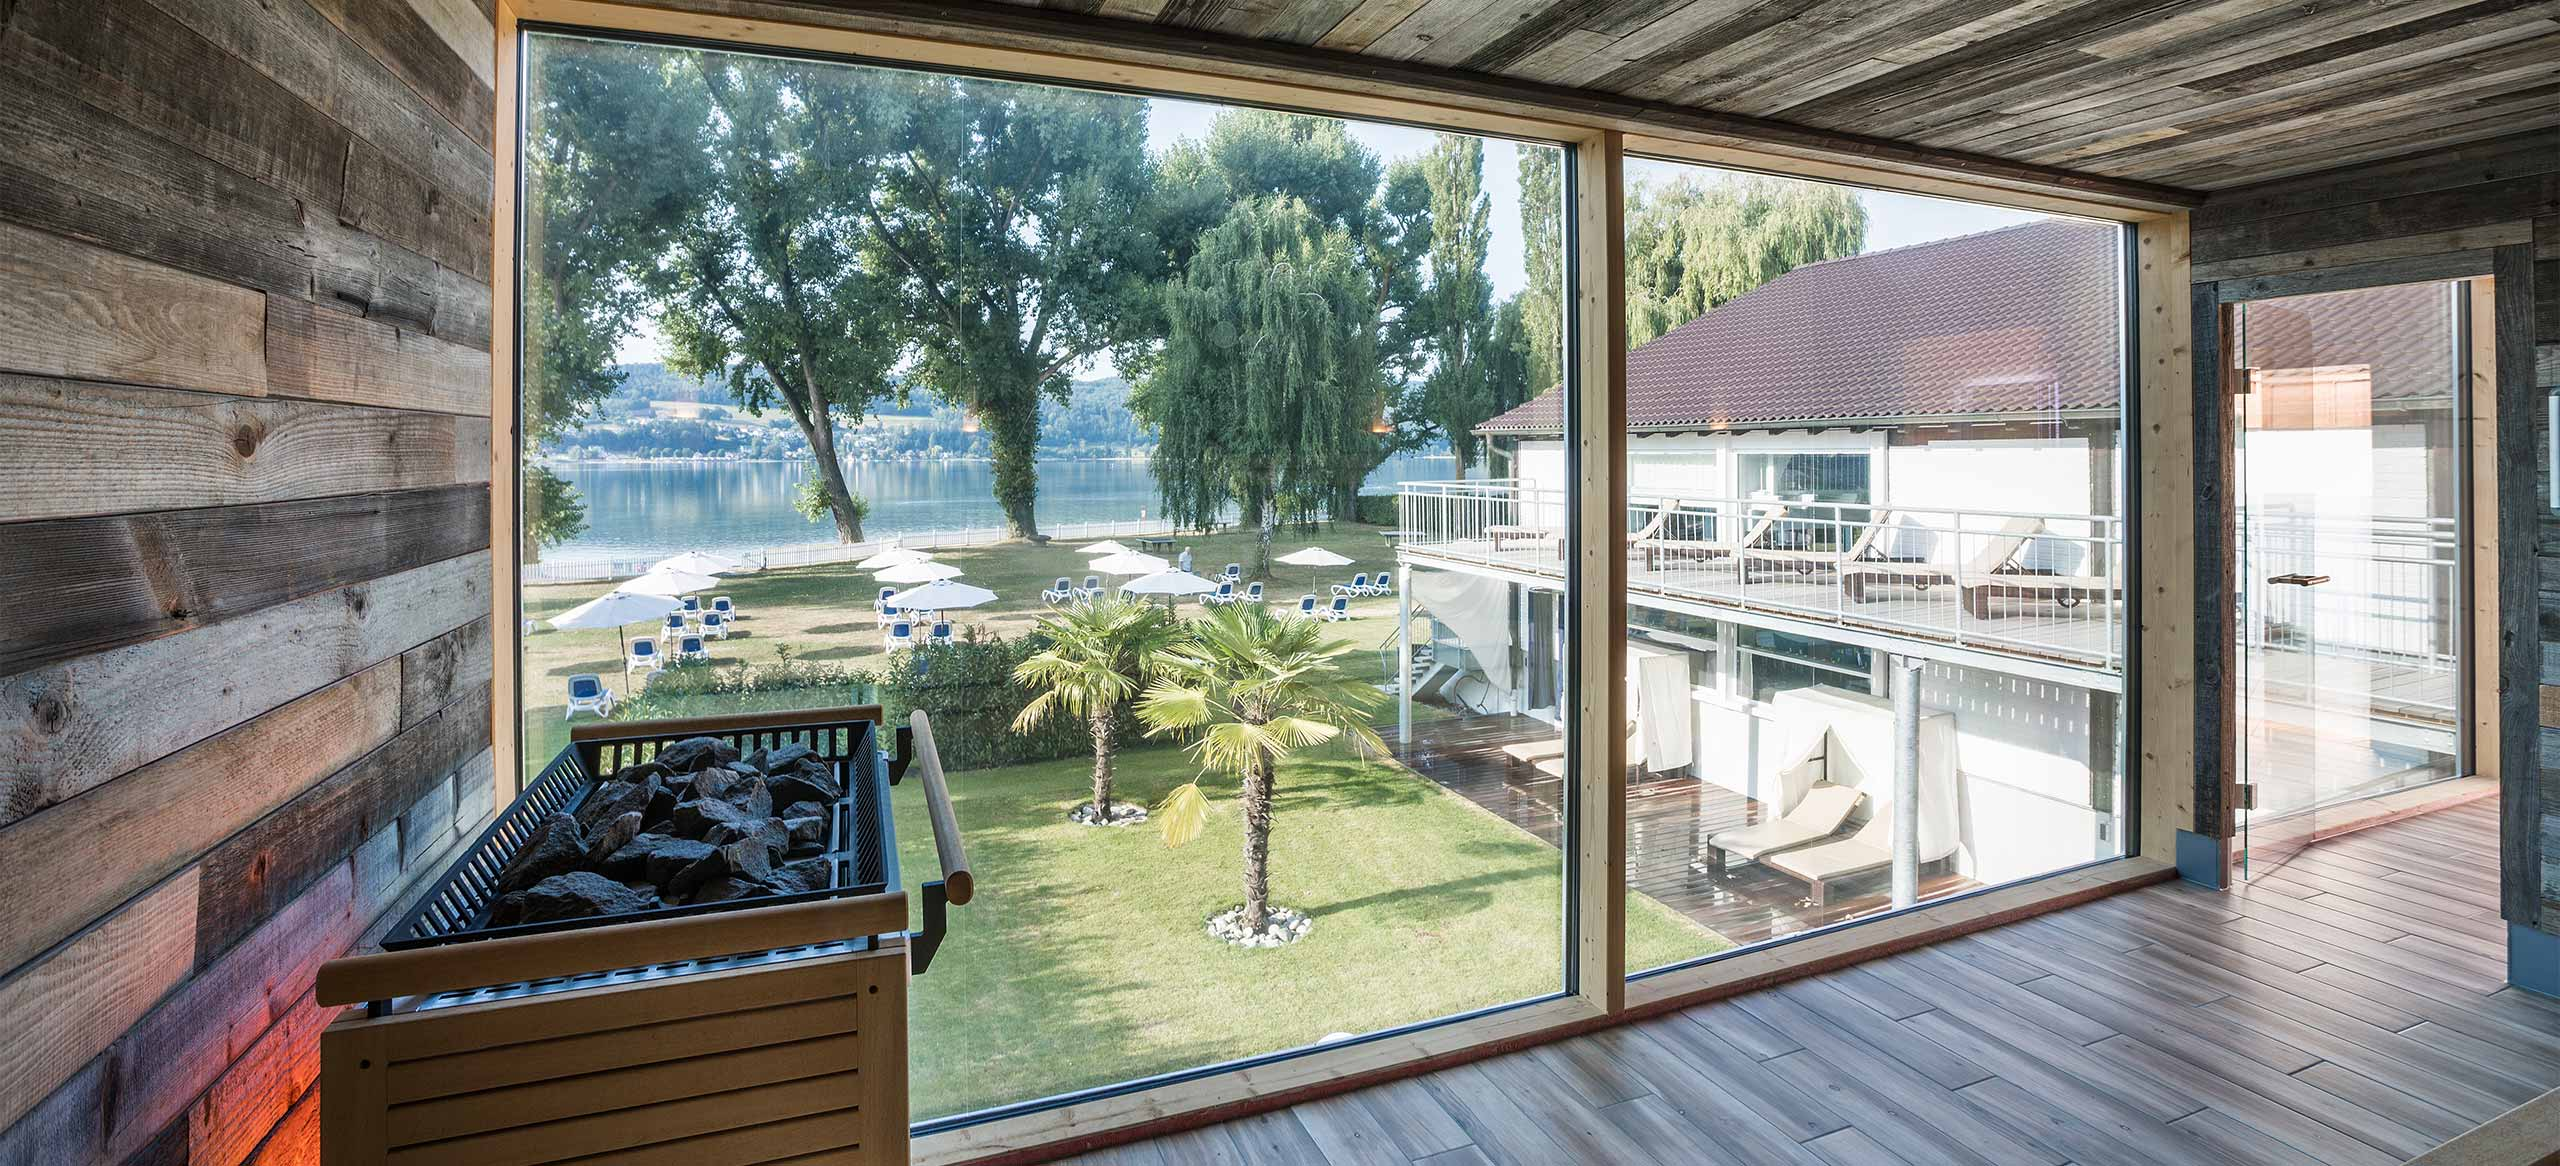 Wellnessbereich mit Ausblick im Hotel HOERI am Bodensee